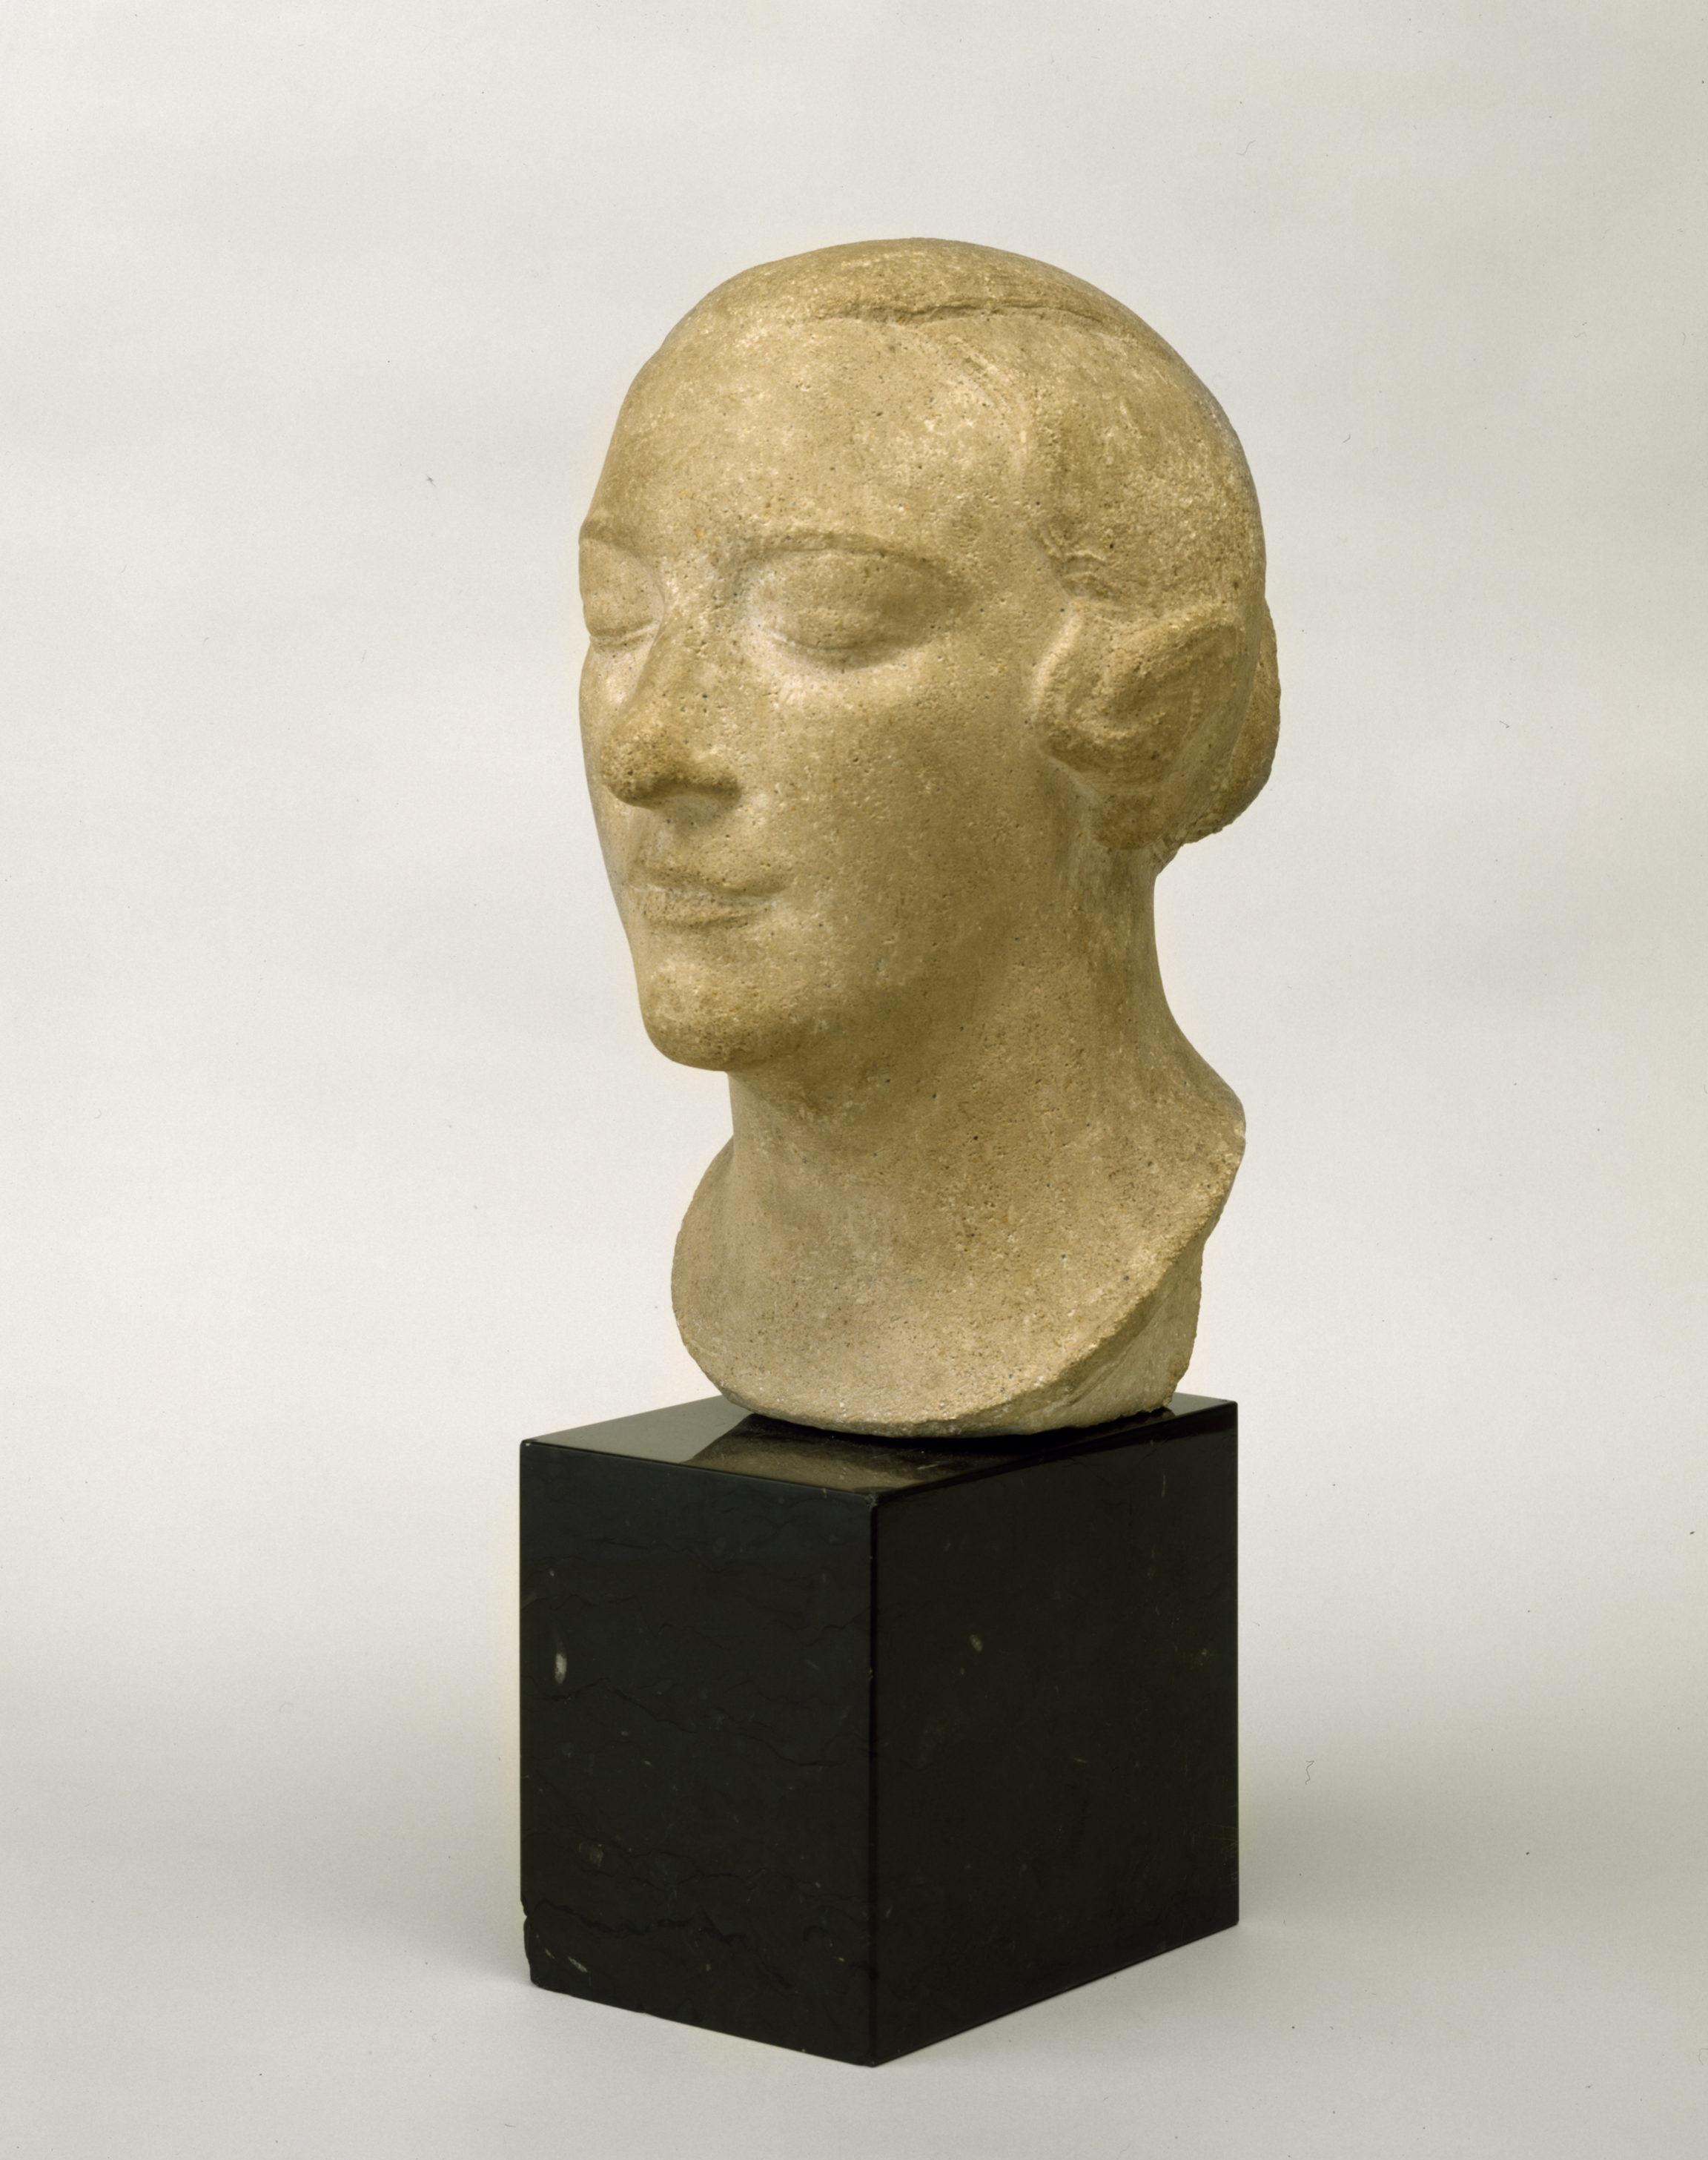 Charles Despiau , Buste de Madame André Derain, 1926